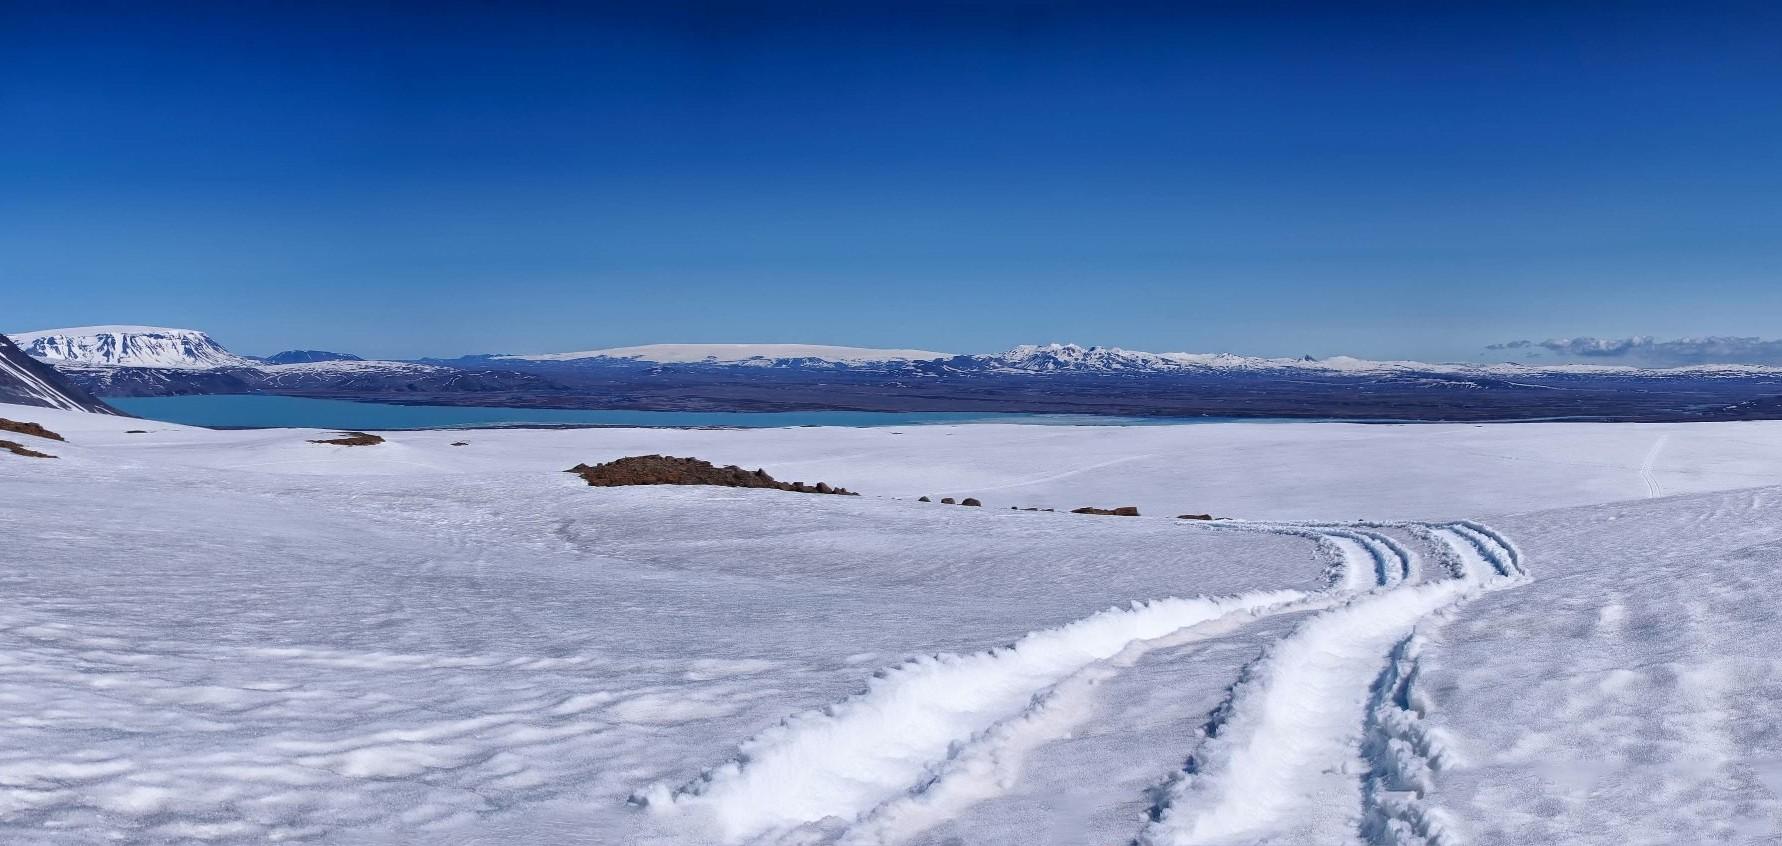 Le glacier de Langjökull est supposé apparaître pour représenter la base Starkiller